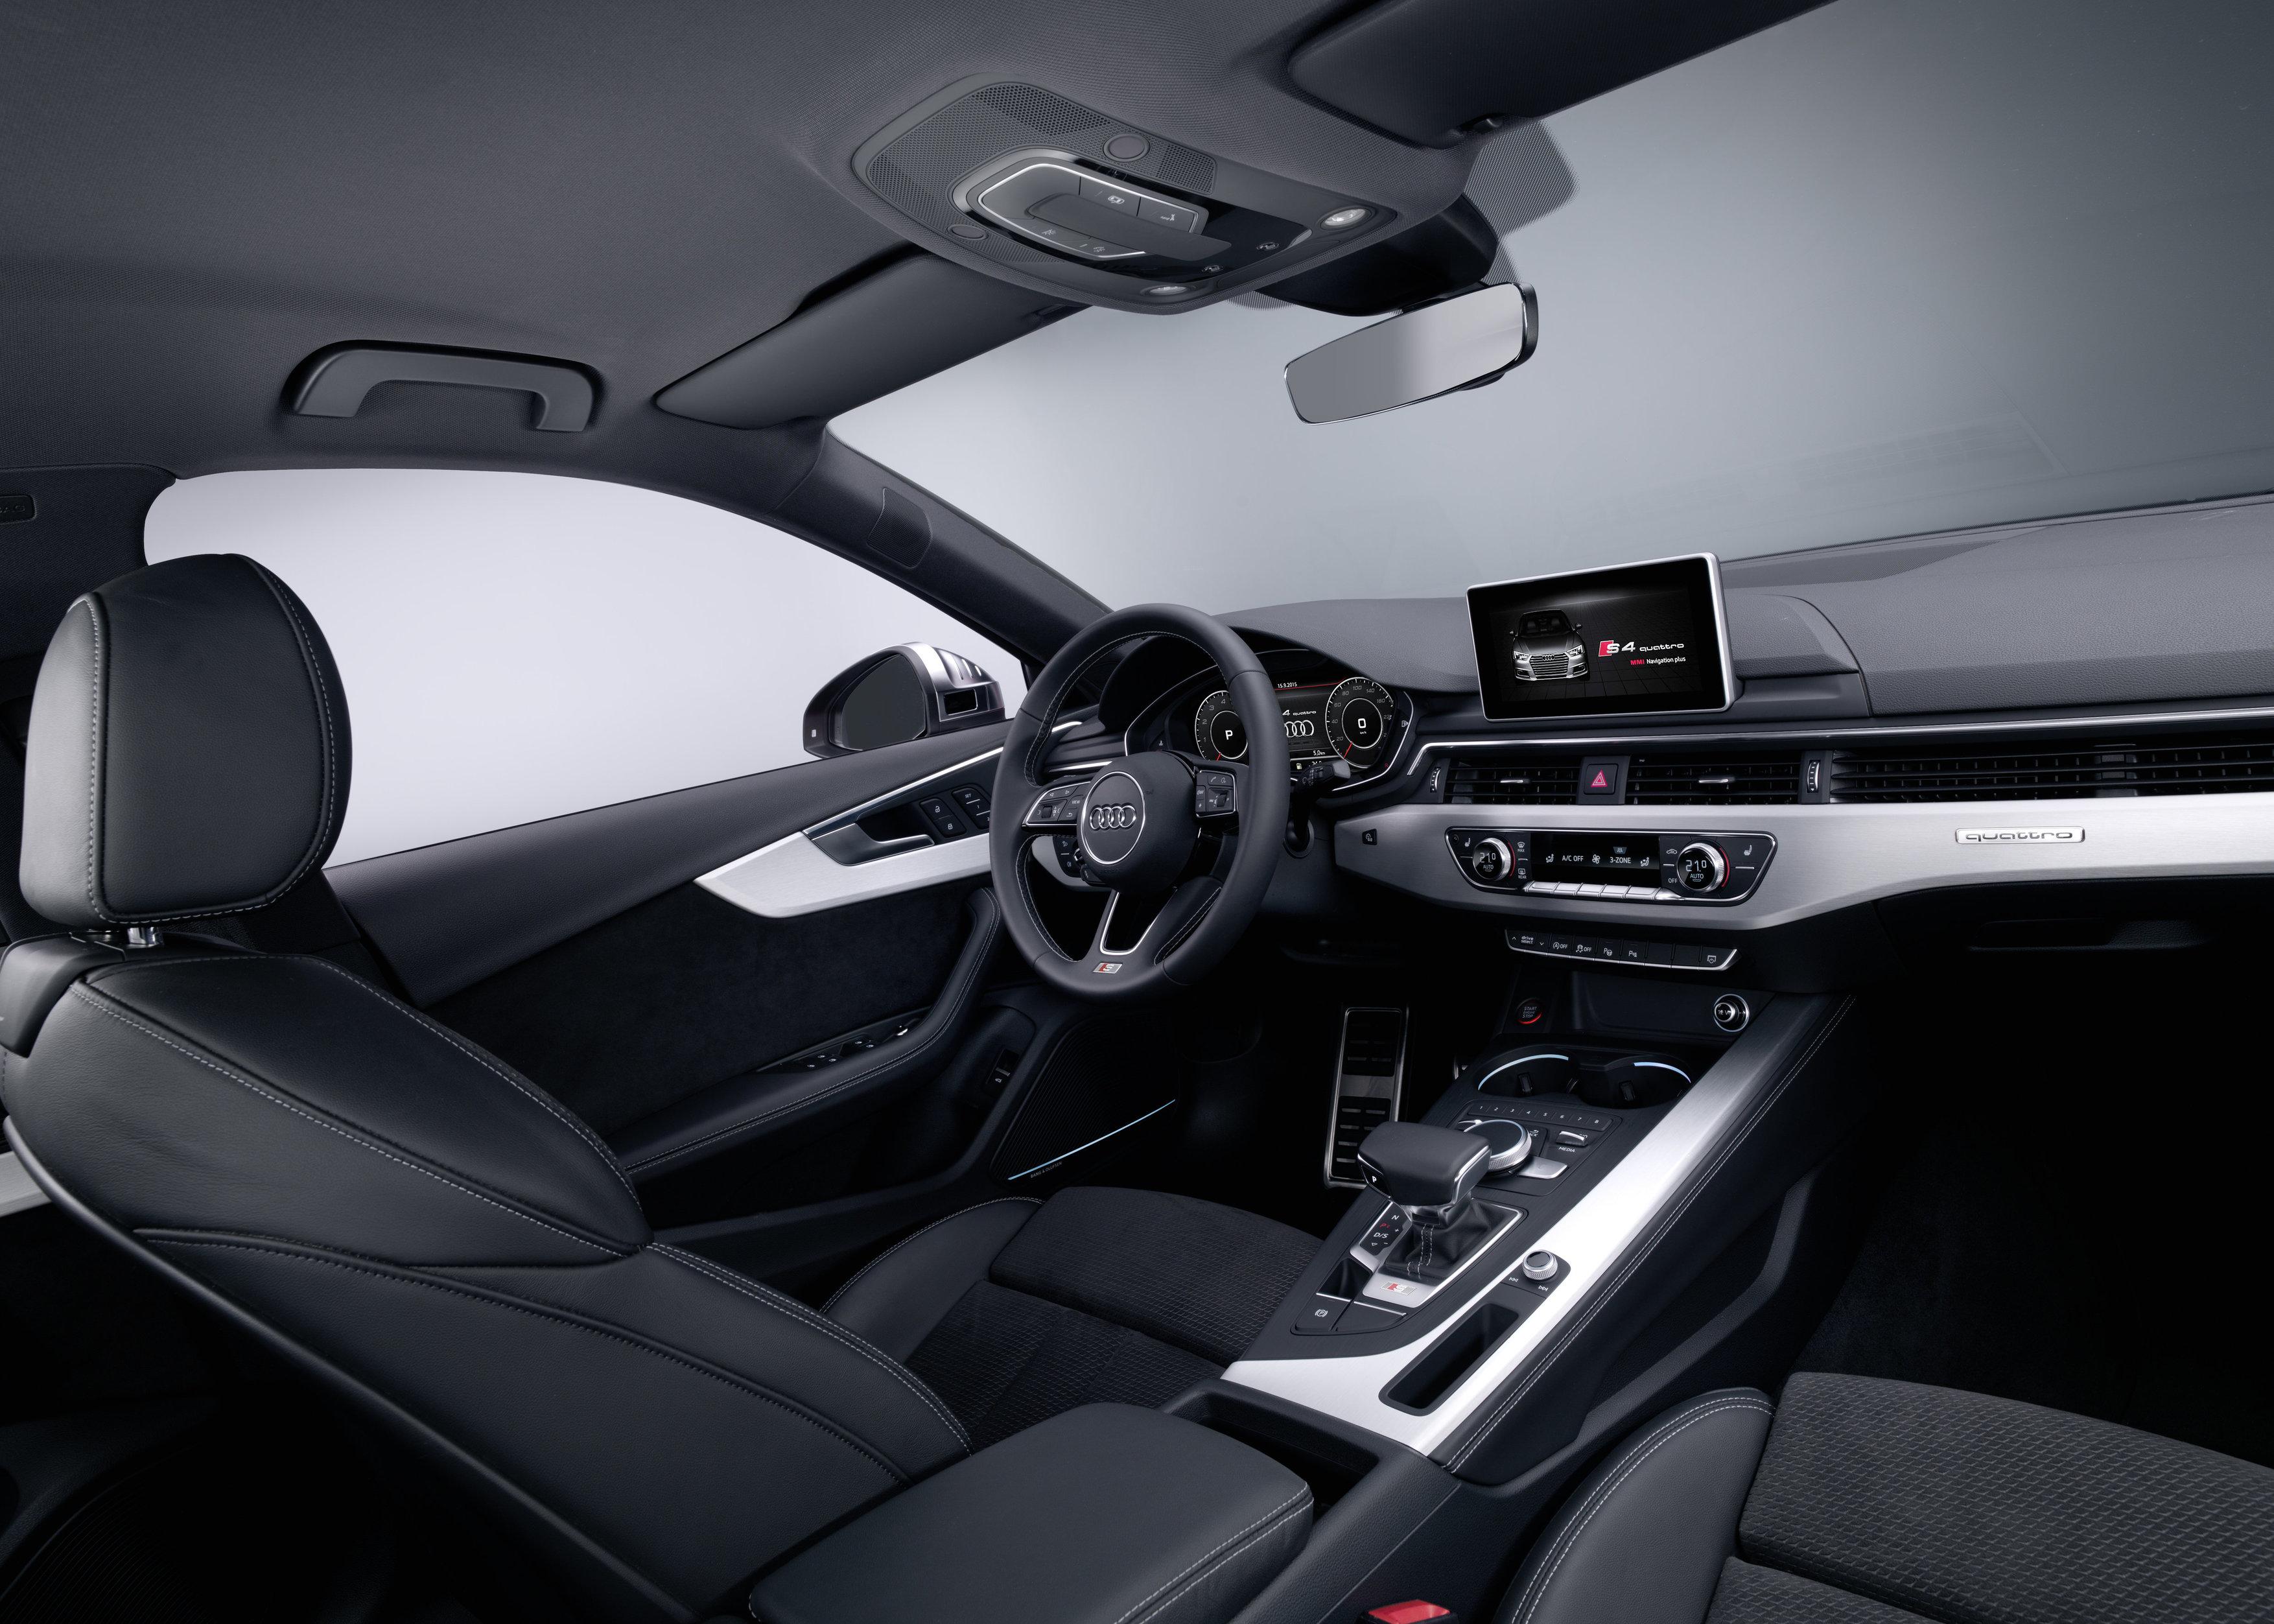 Im Innenraum des S4 lassen sich einige Design-Anleihen vom aktuellen A3 und TT finden.